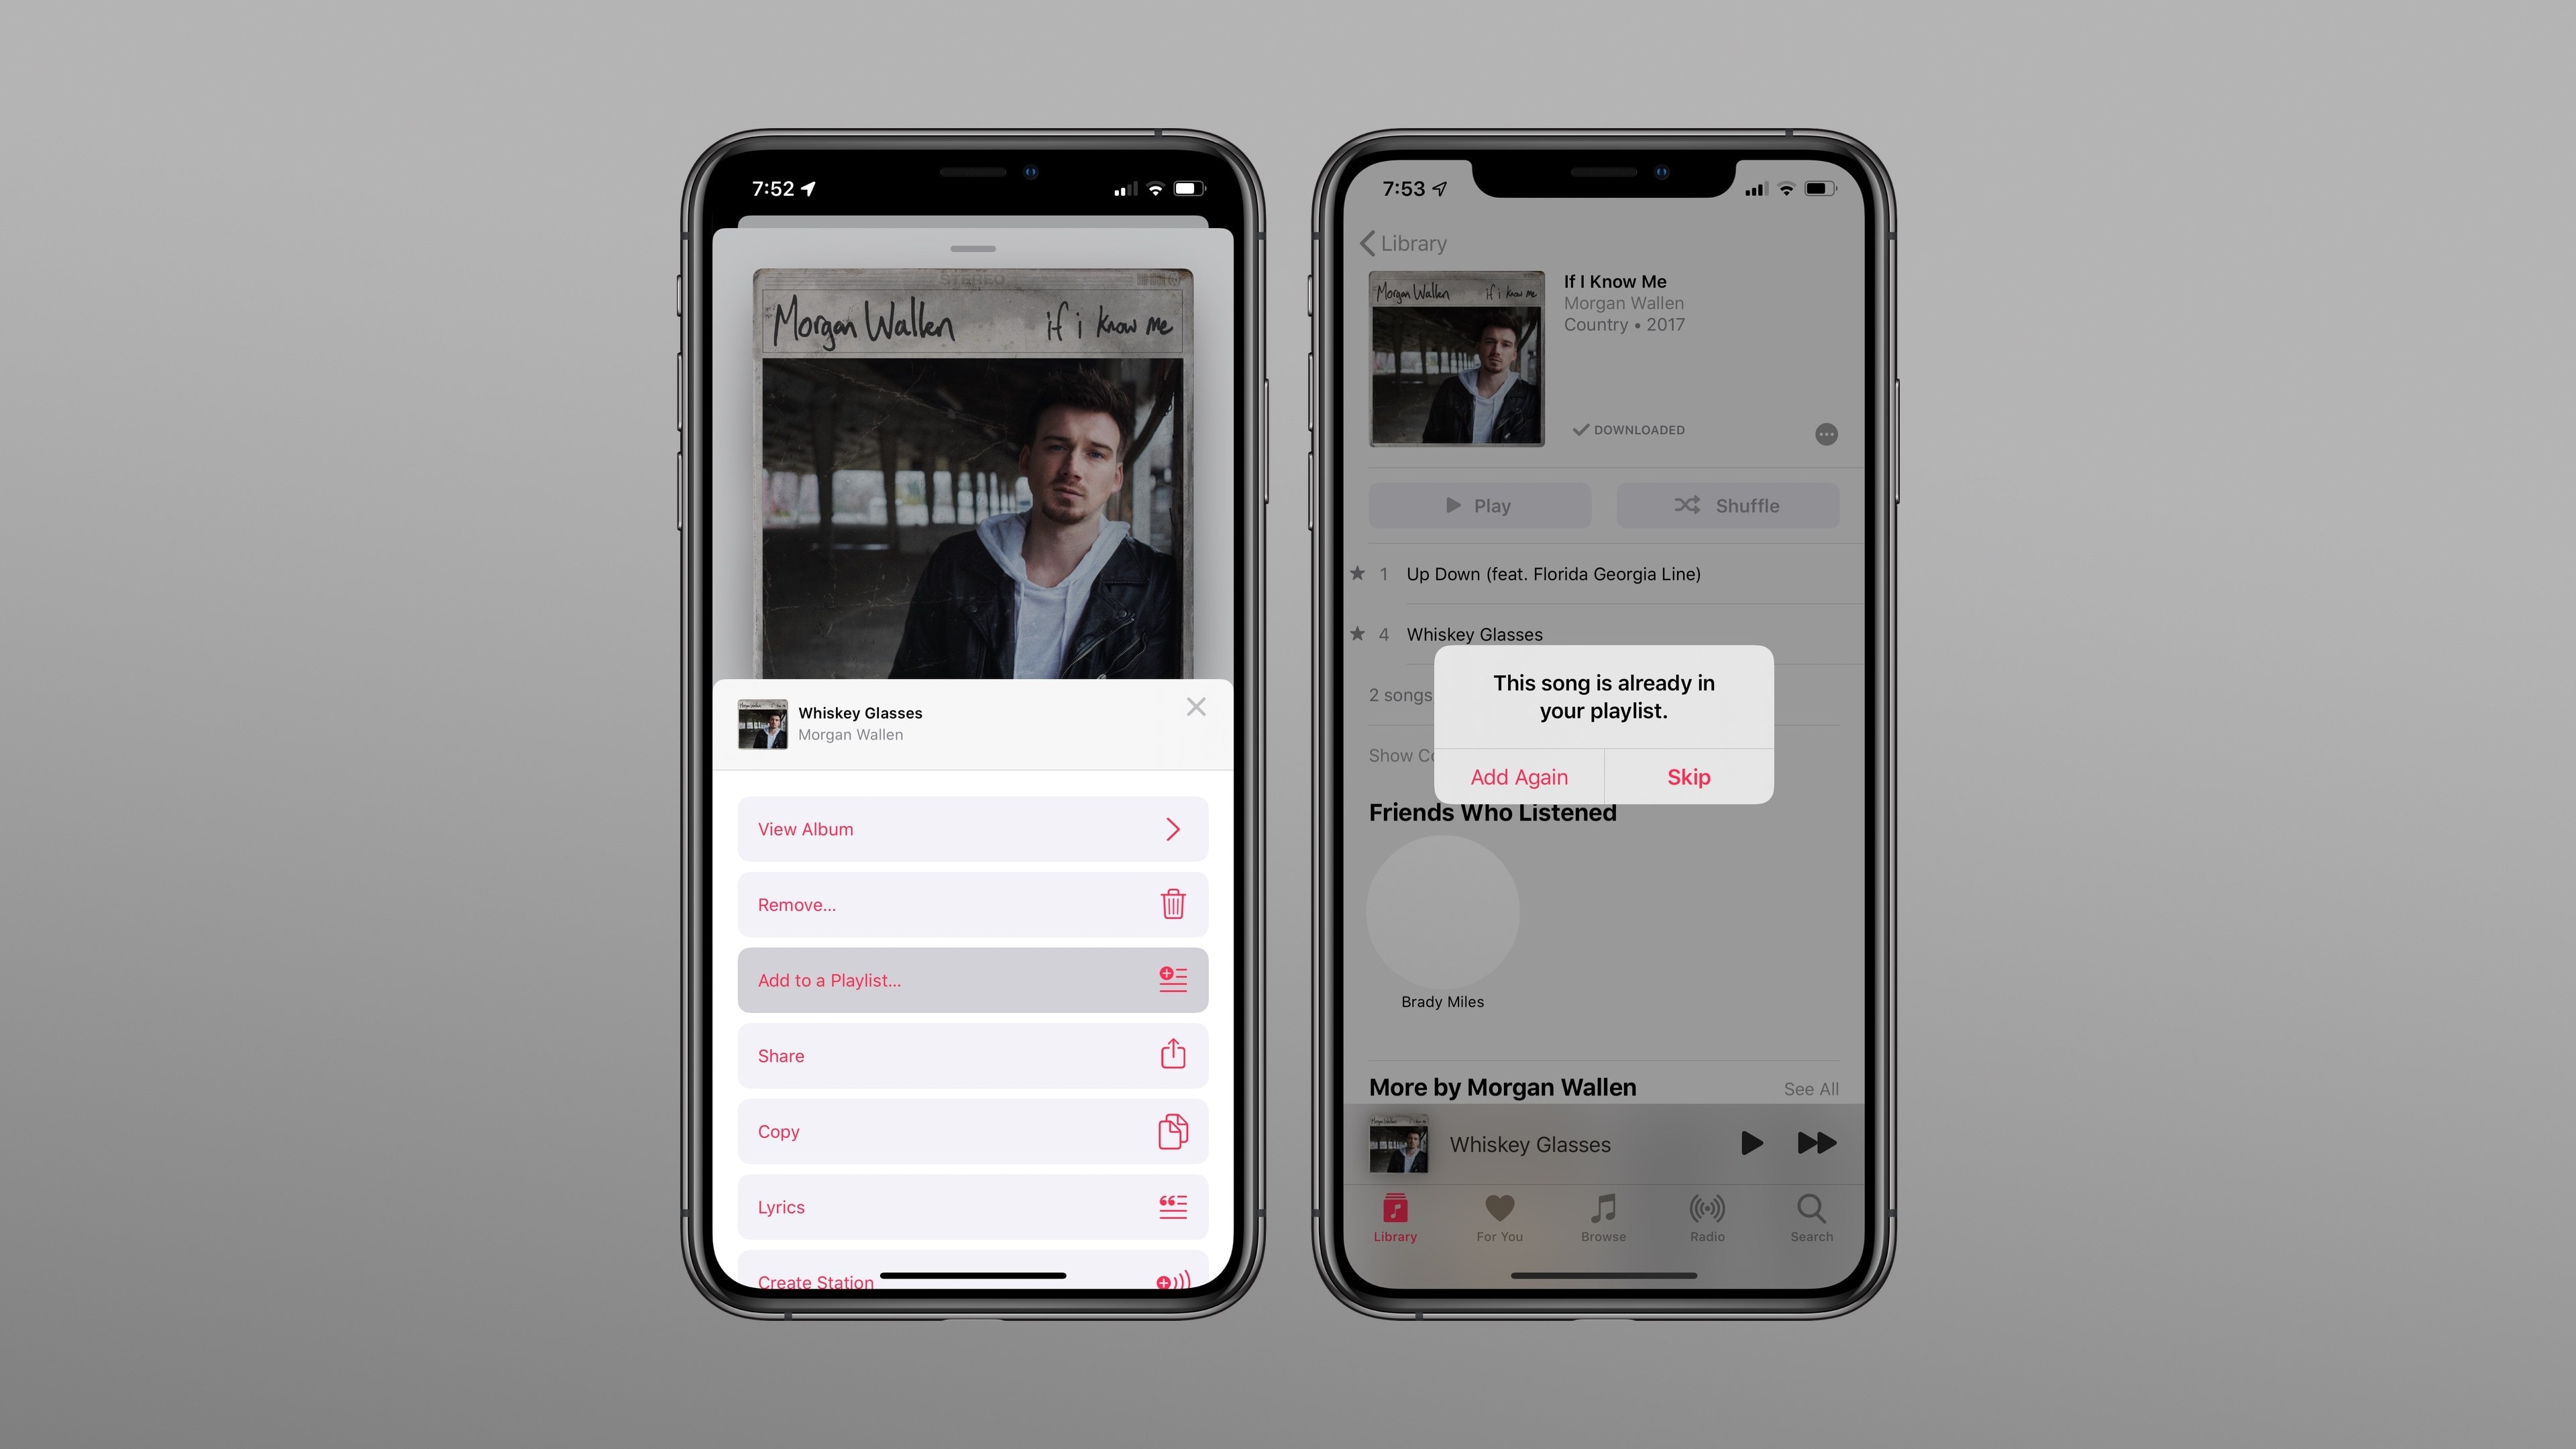 Alerta de música duplicada no Apple Music do iOS 13